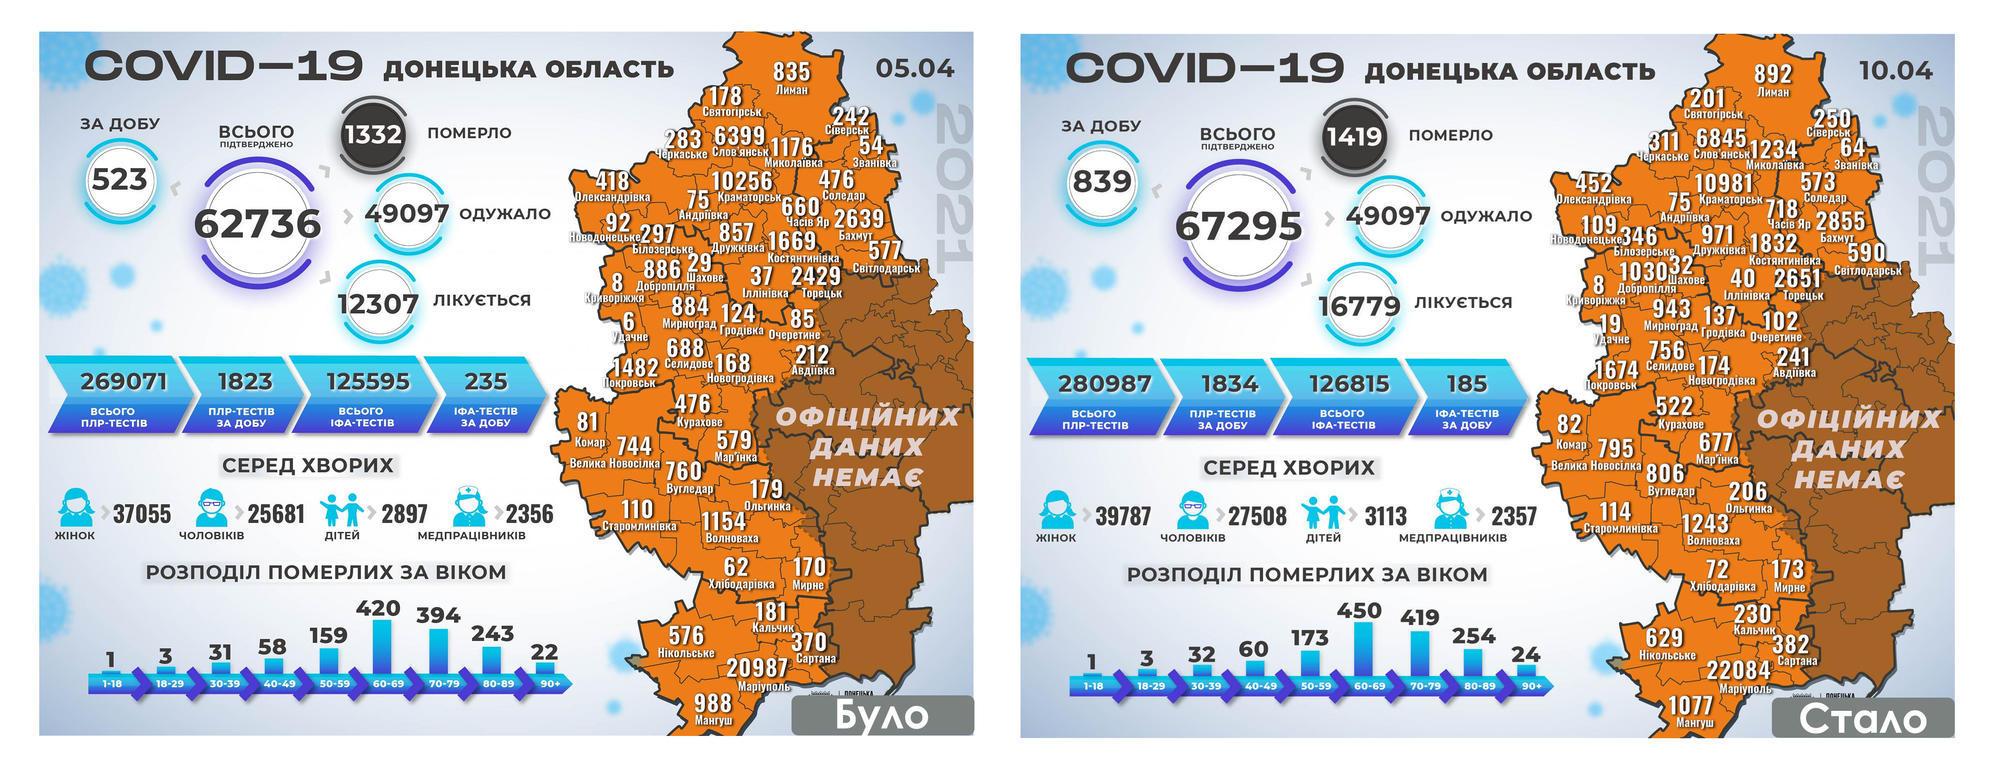 коронавирус в Донецкой области